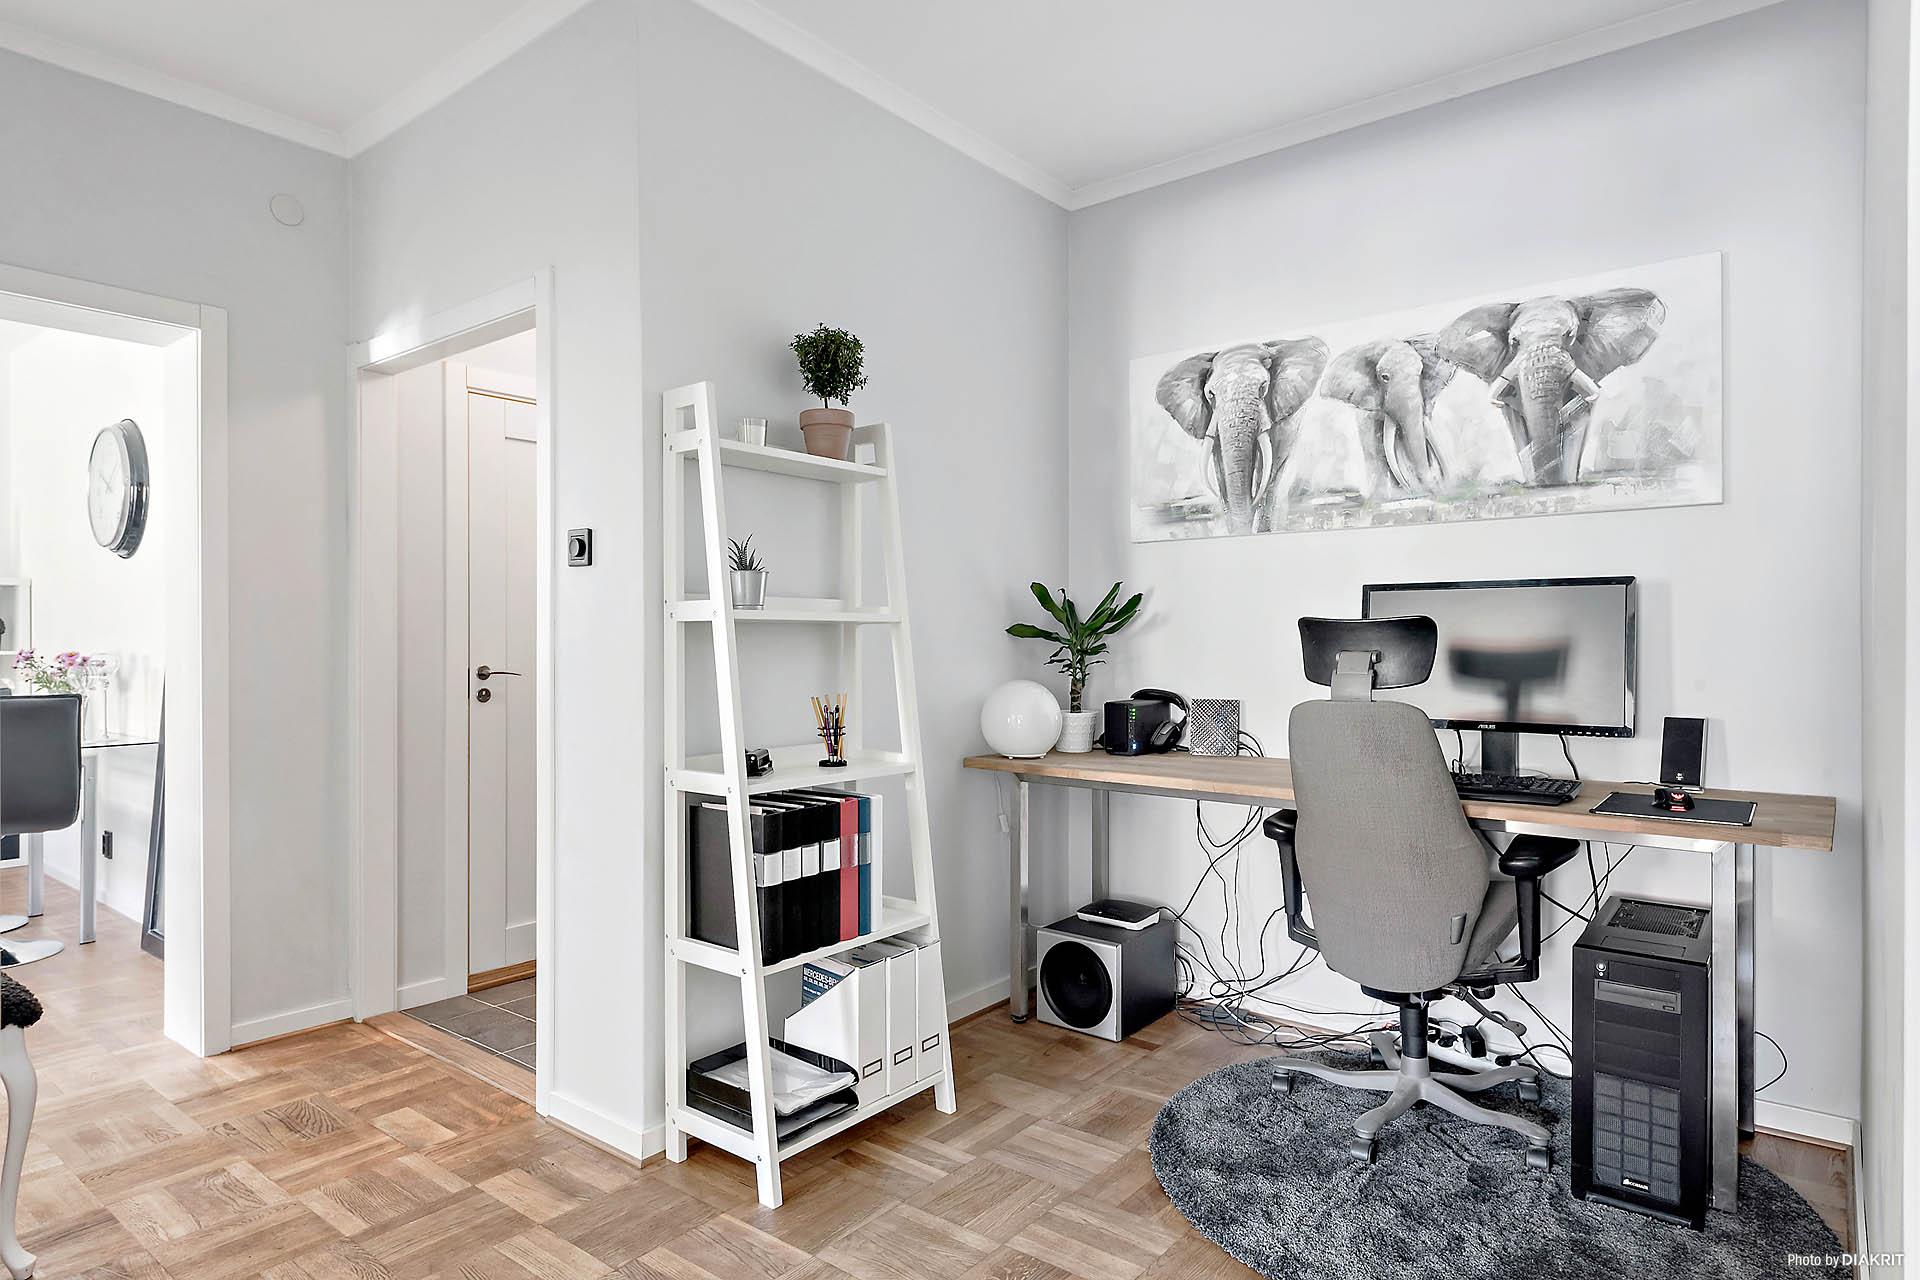 Halvrummet fungerar idag som arbetsrum men kan med fördel nyttjas som matplats eller varför inte en liten loungedel. Halvrummet ger bostaden en luftig känsla.